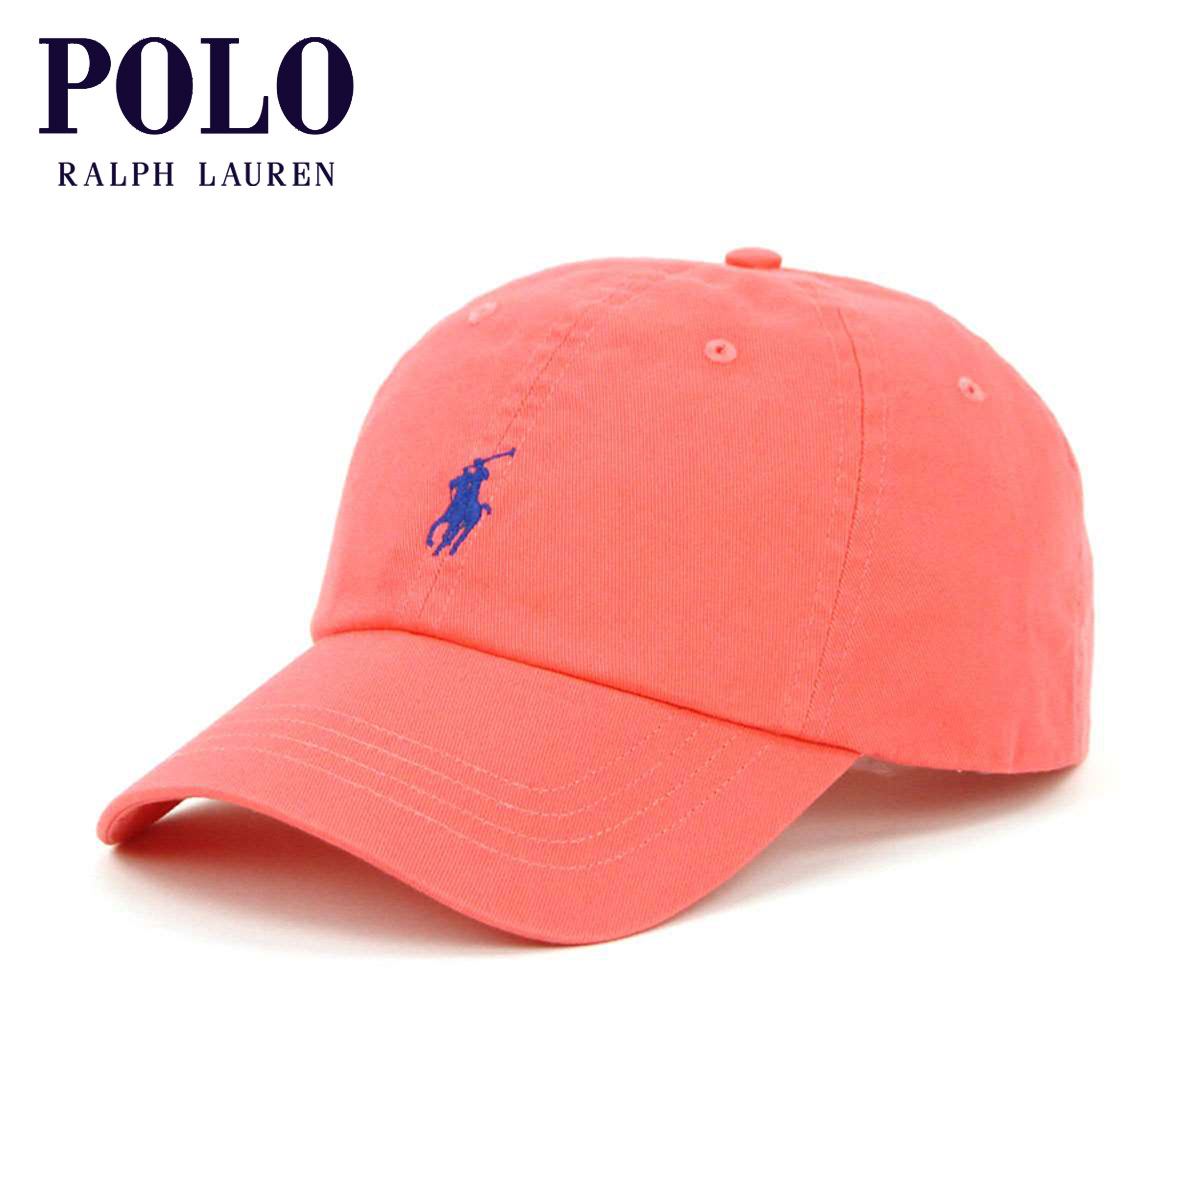 d0d9fccefe Polo Ralph Lauren POLO RALPH LAUREN regular article men hat cap COTTON  CHINO BASEBALL CAP